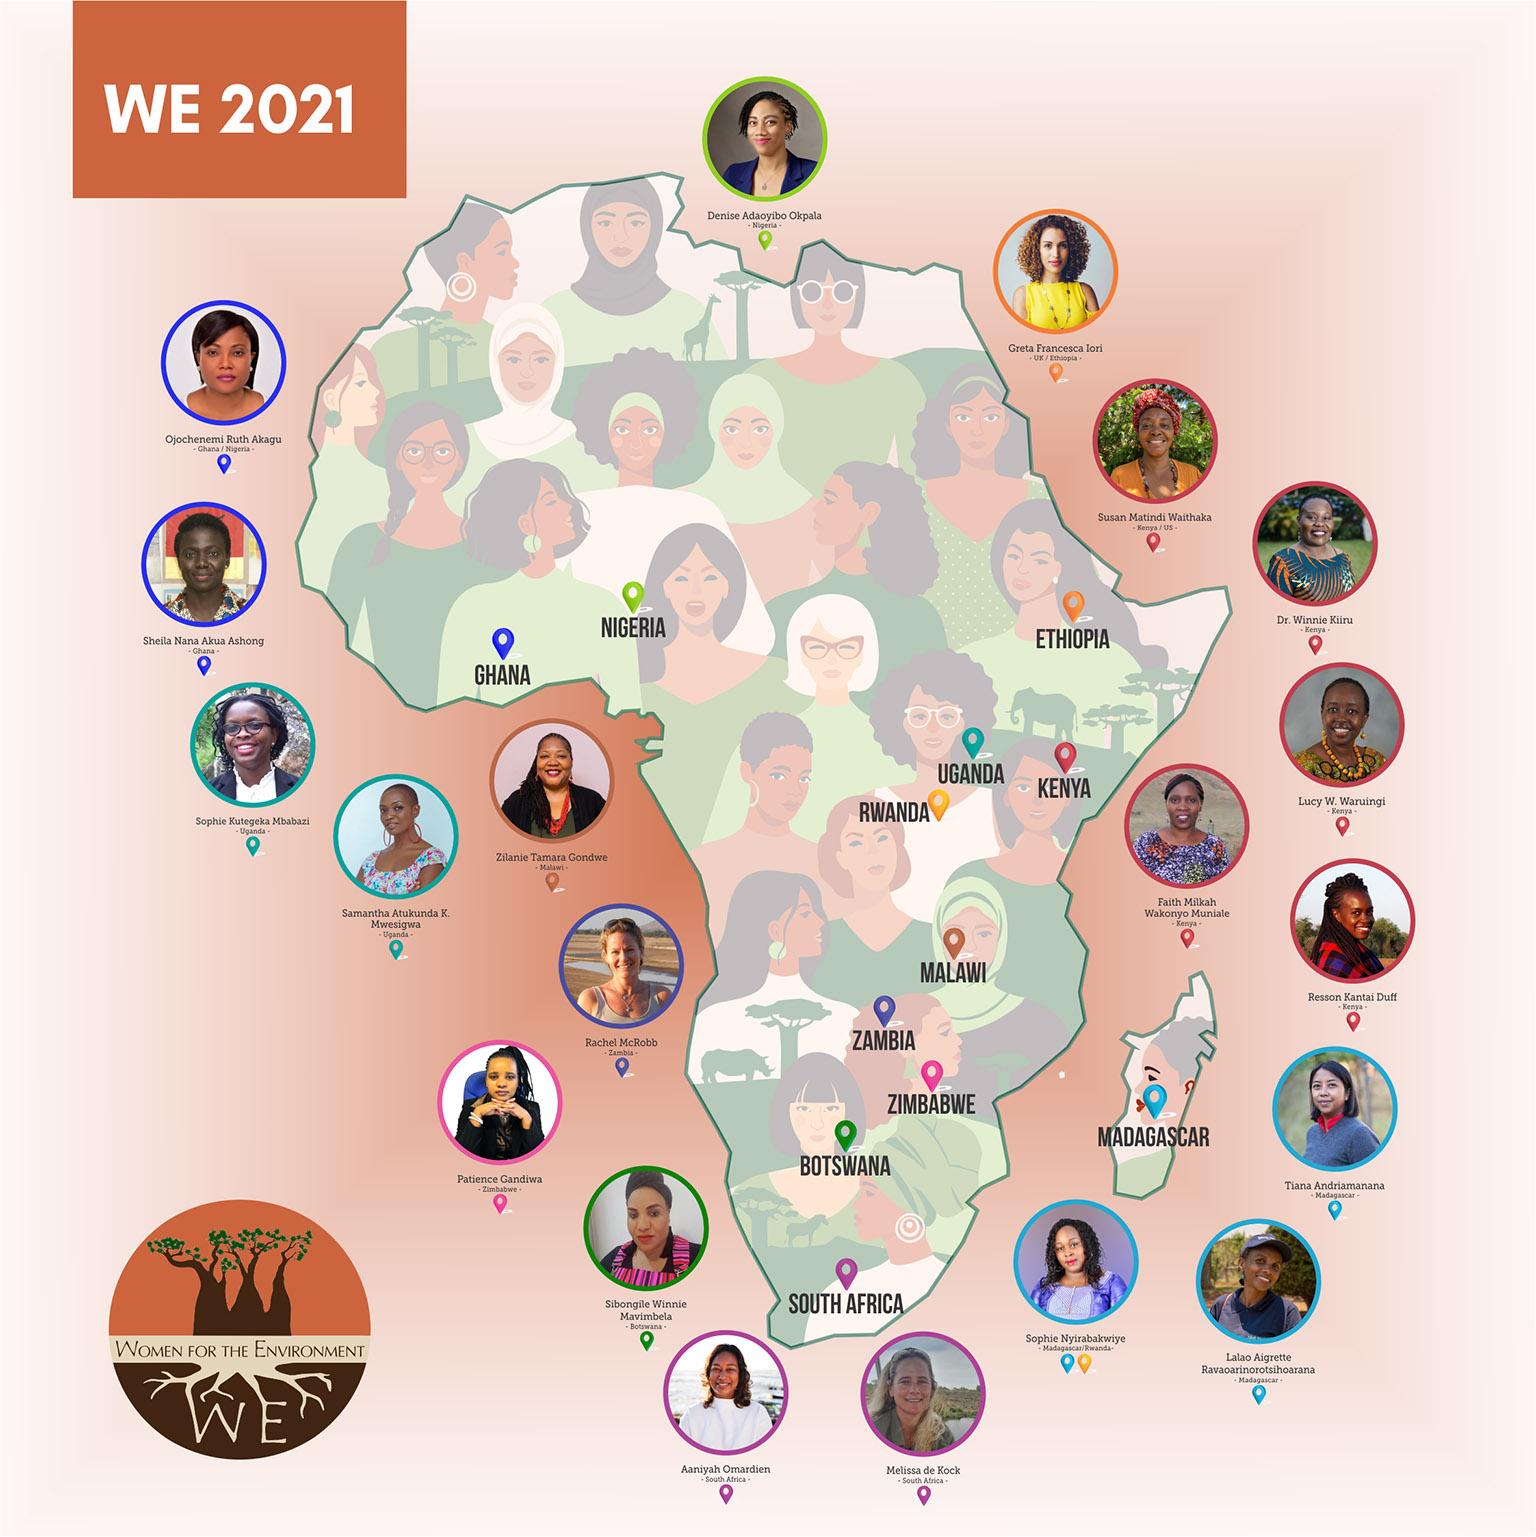 WE Africa 2021 Fellows